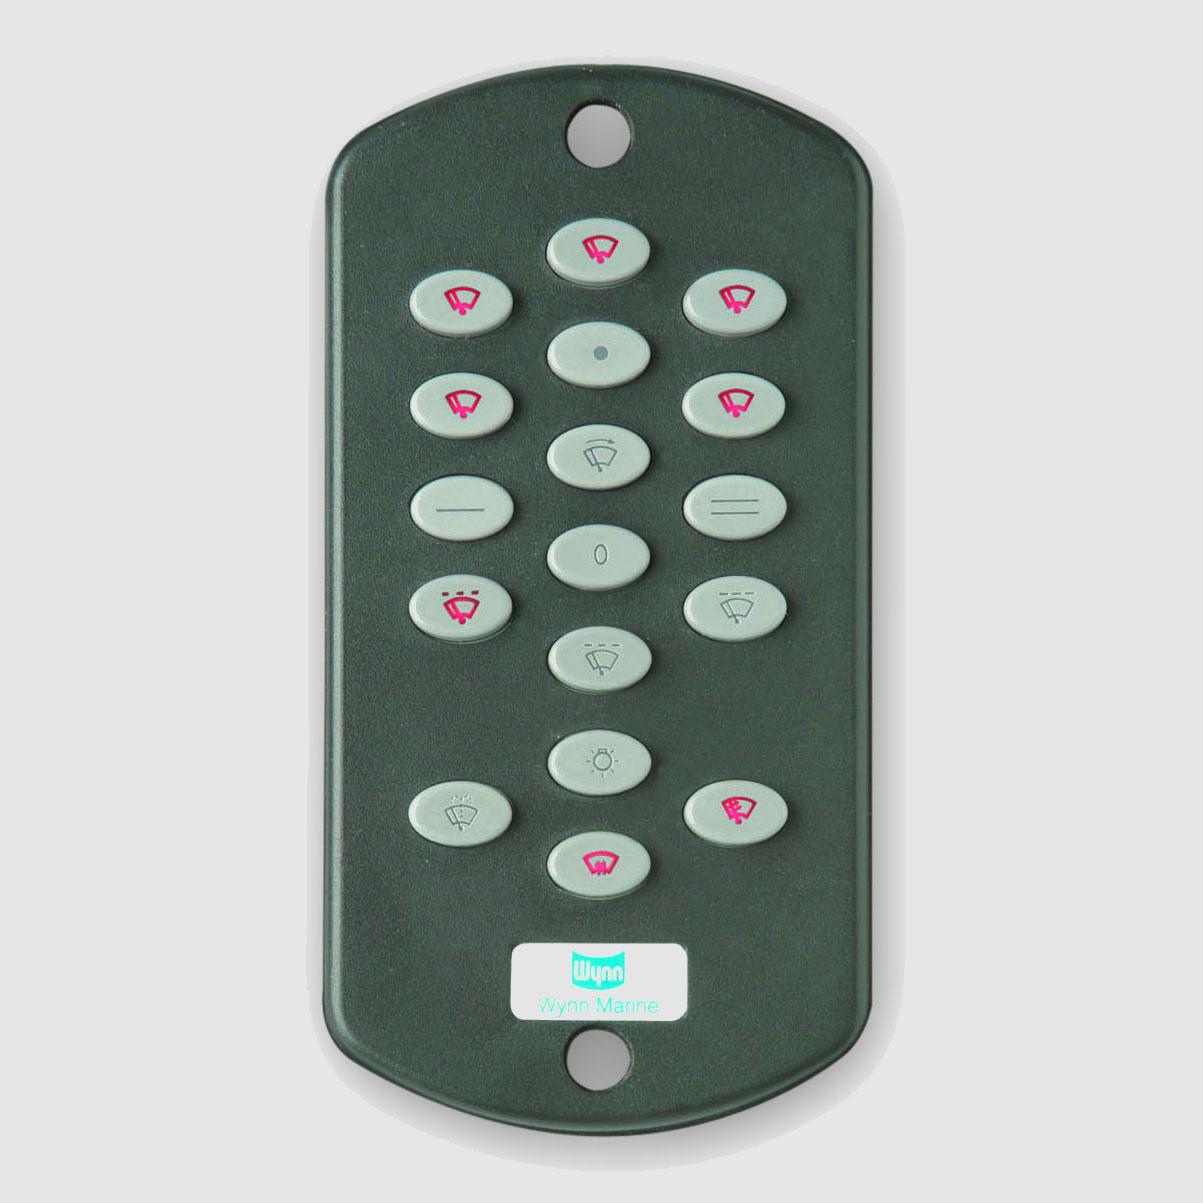 6000-series wiper controller